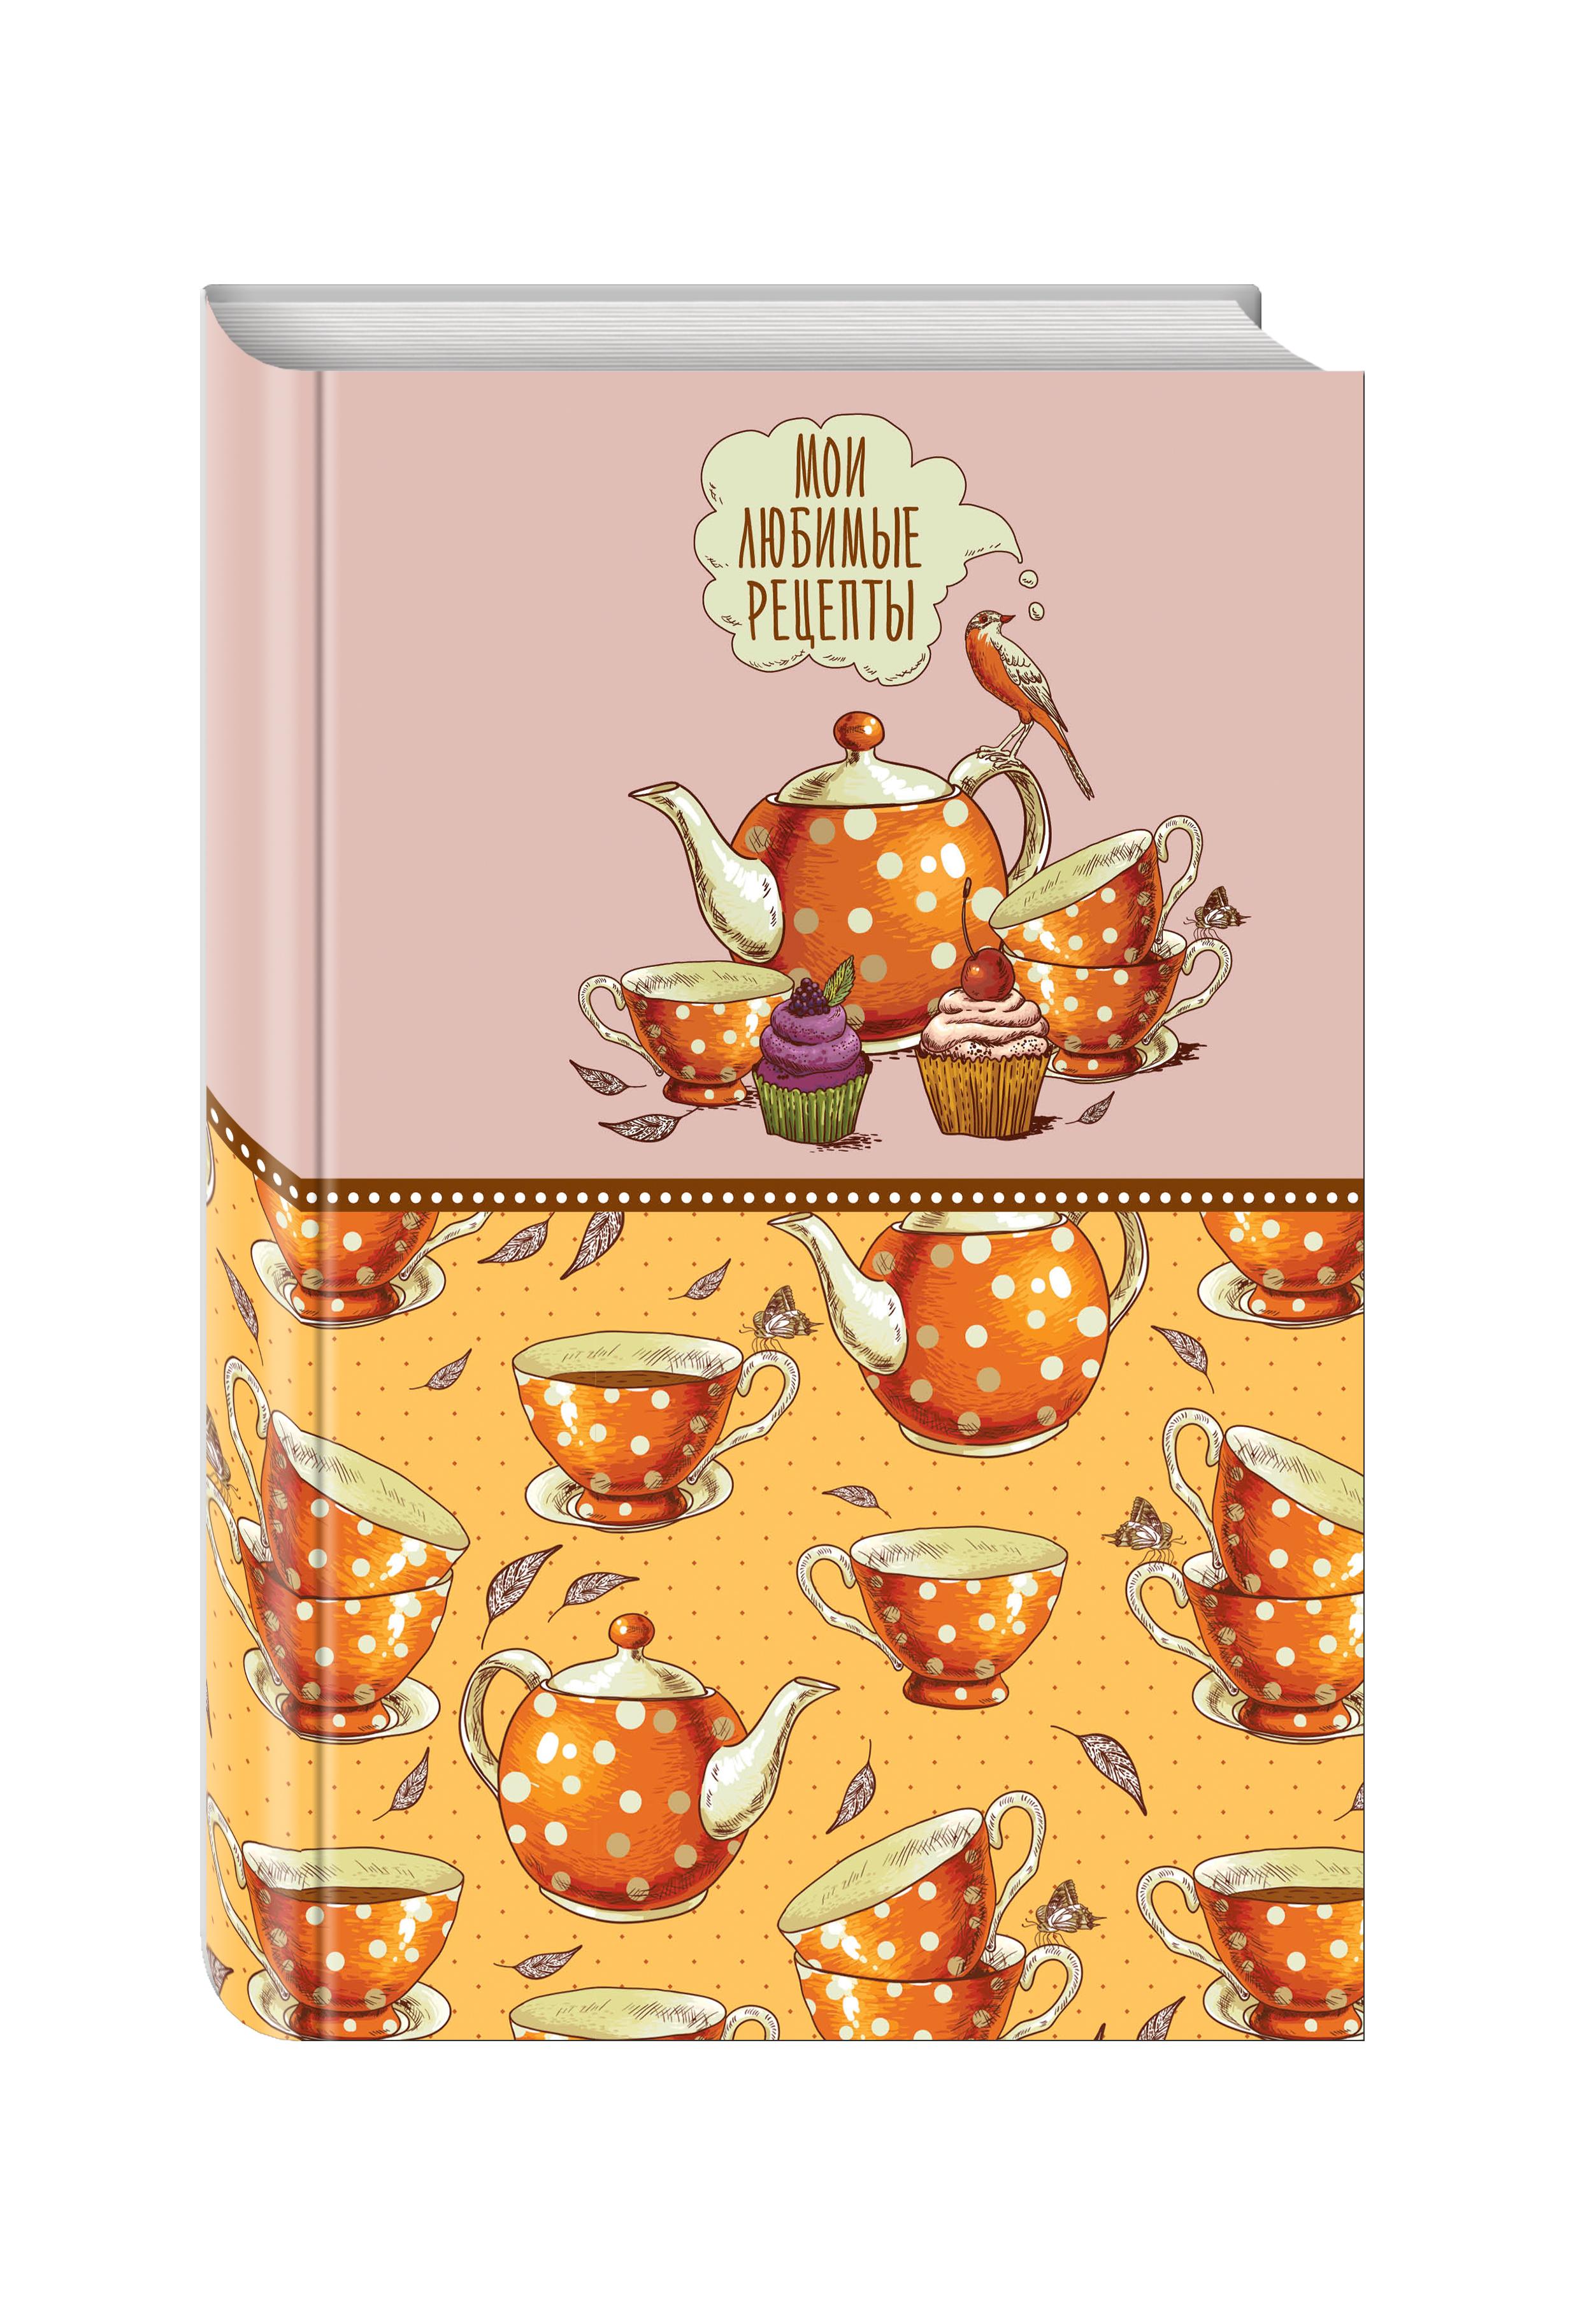 Мои любимые рецепты. Книга для записи рецептов (а5_Оранжевое чаепитие) вкусные истории книга для записи рецептов